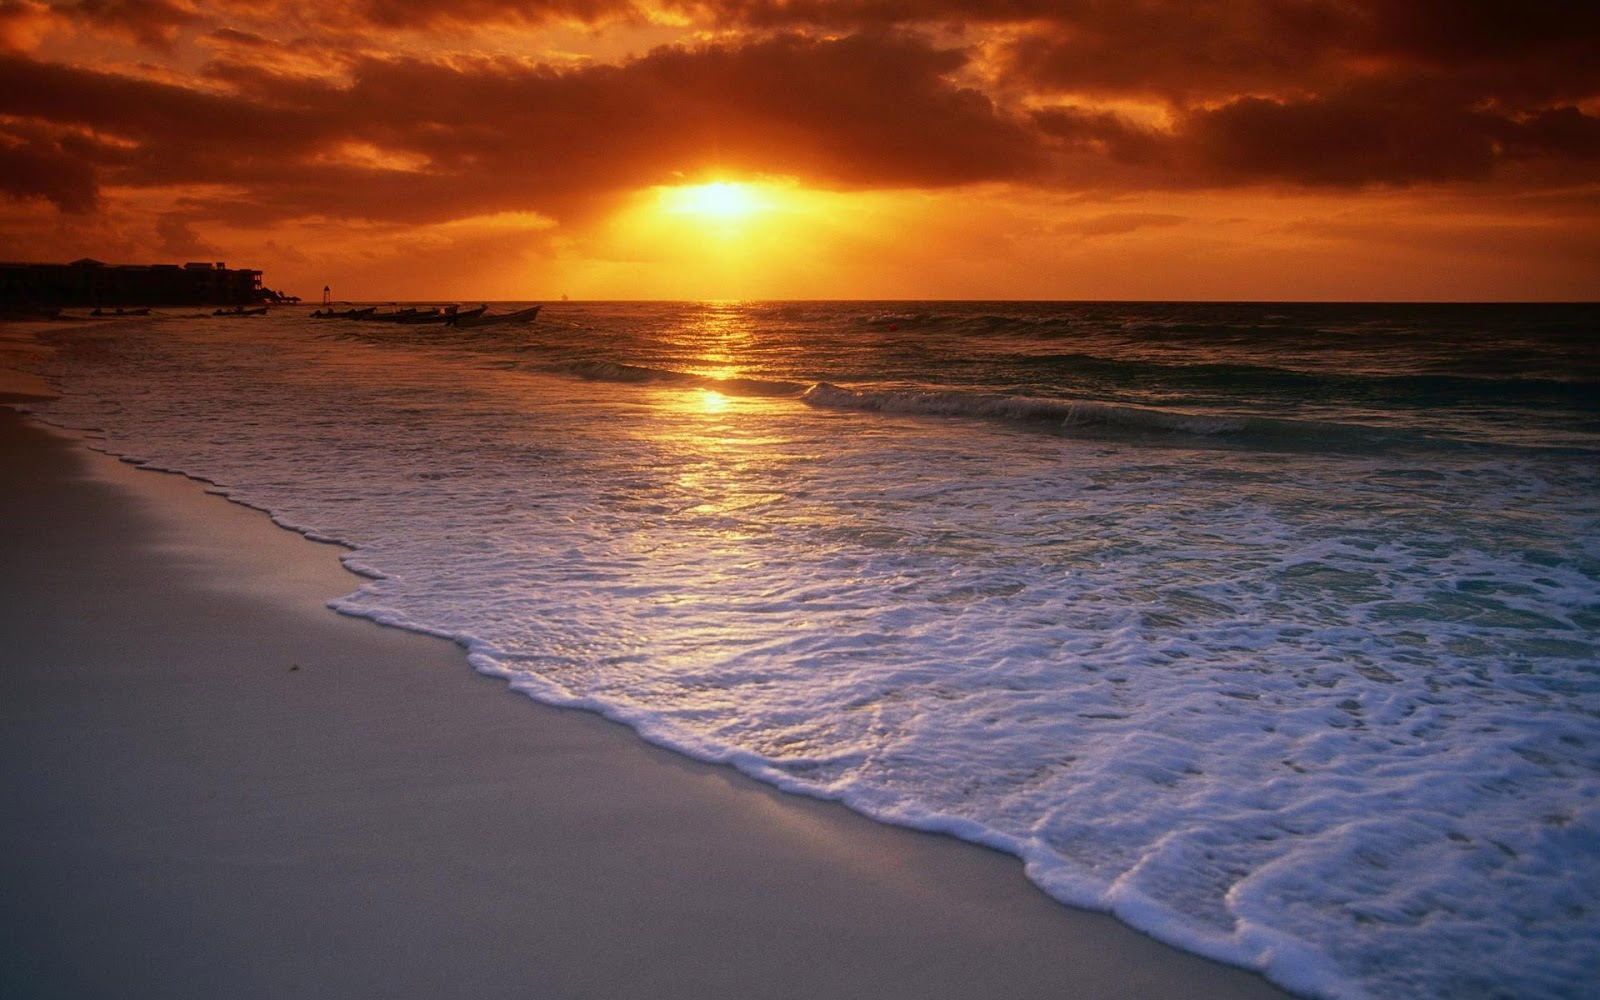 http://2.bp.blogspot.com/-uthJnGQwRCY/T-ge6Qu4VDI/AAAAAAAACQ8/ix_7R8nJgA0/s1600/beach-sunset-wallpaper-1920x1200-1004109.jpg